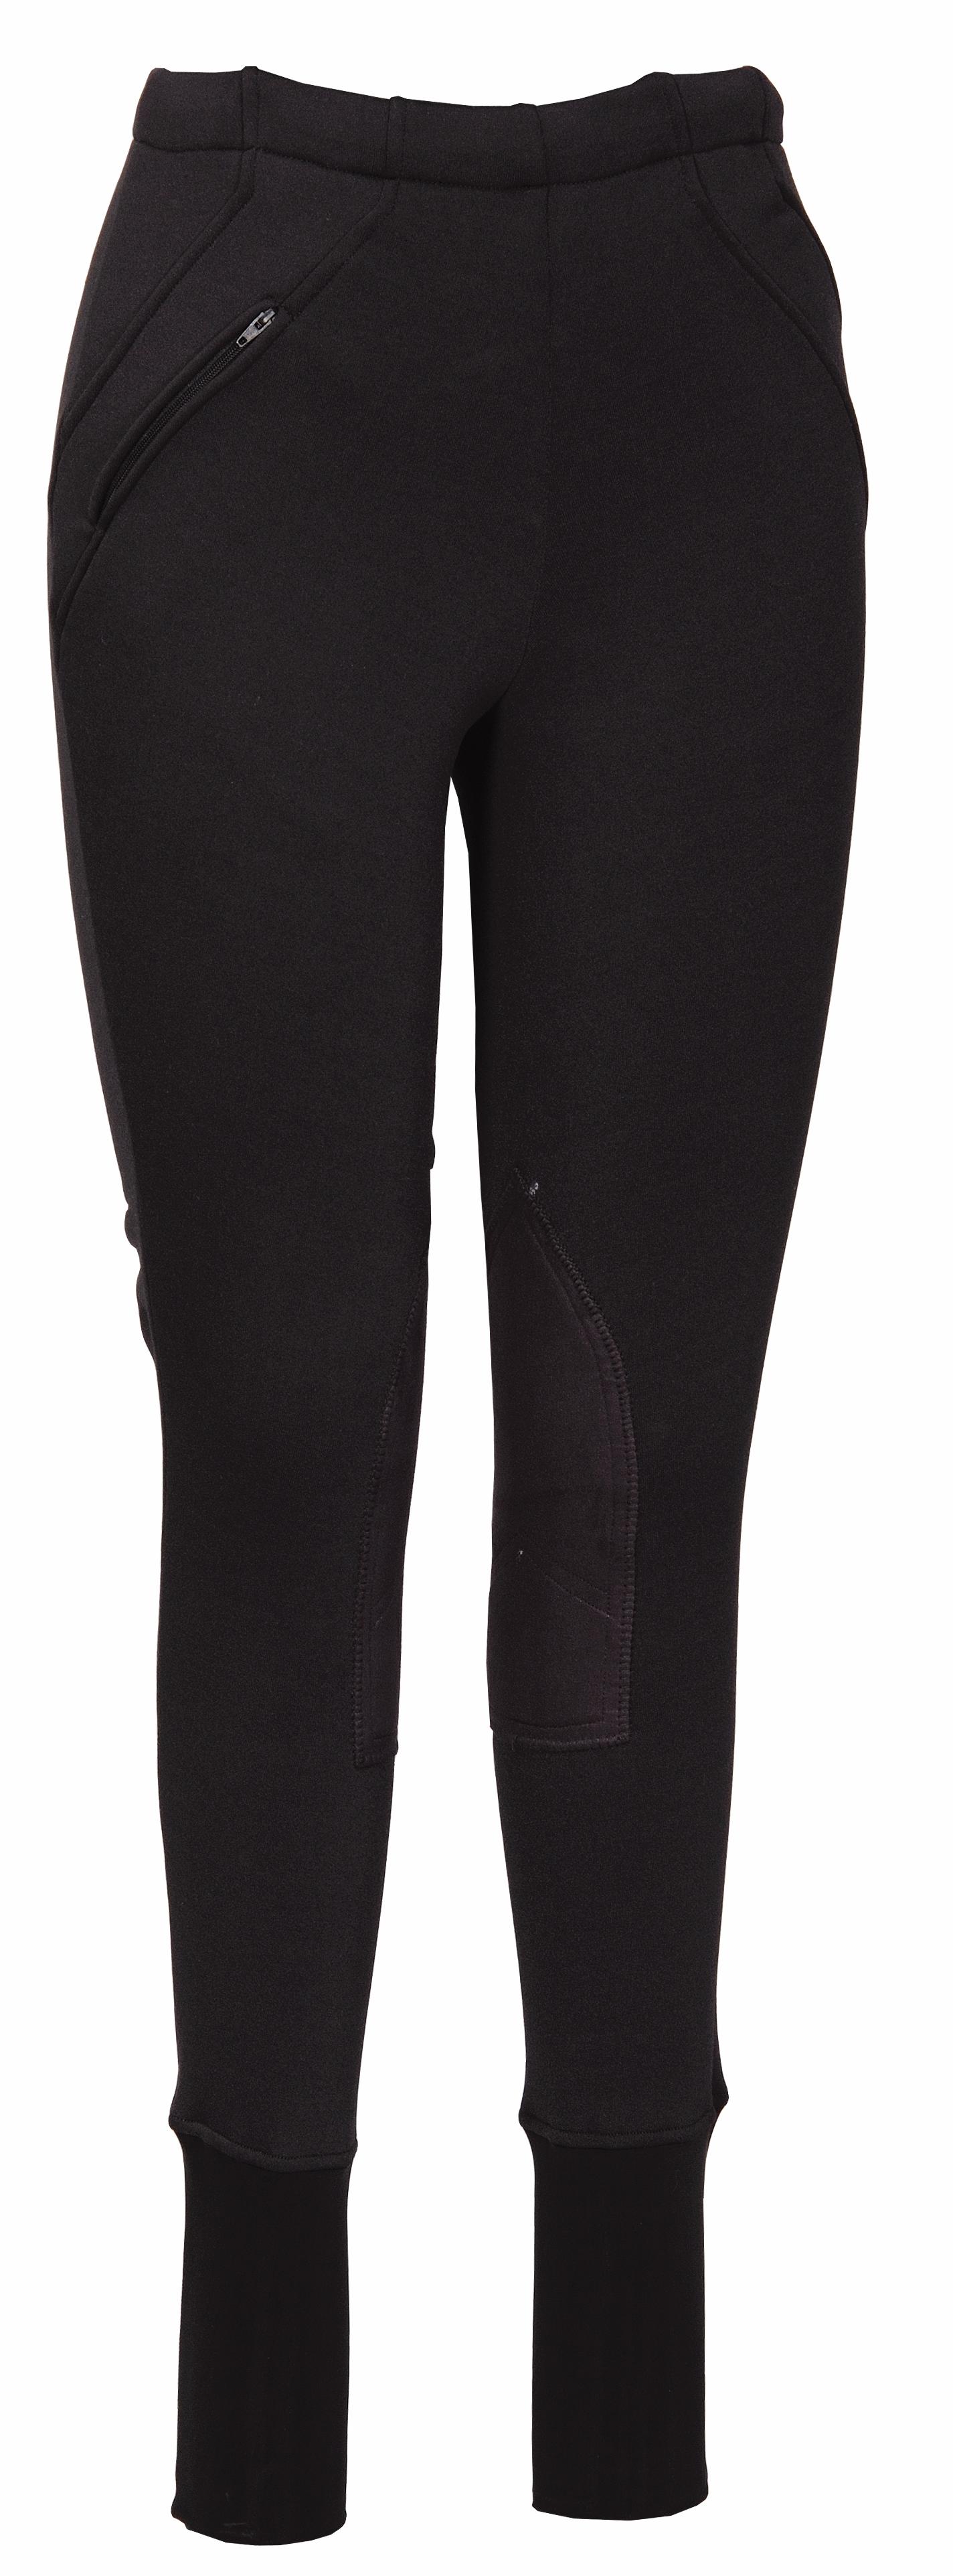 TuffRider Ladies Comfort Unifleece Breeches